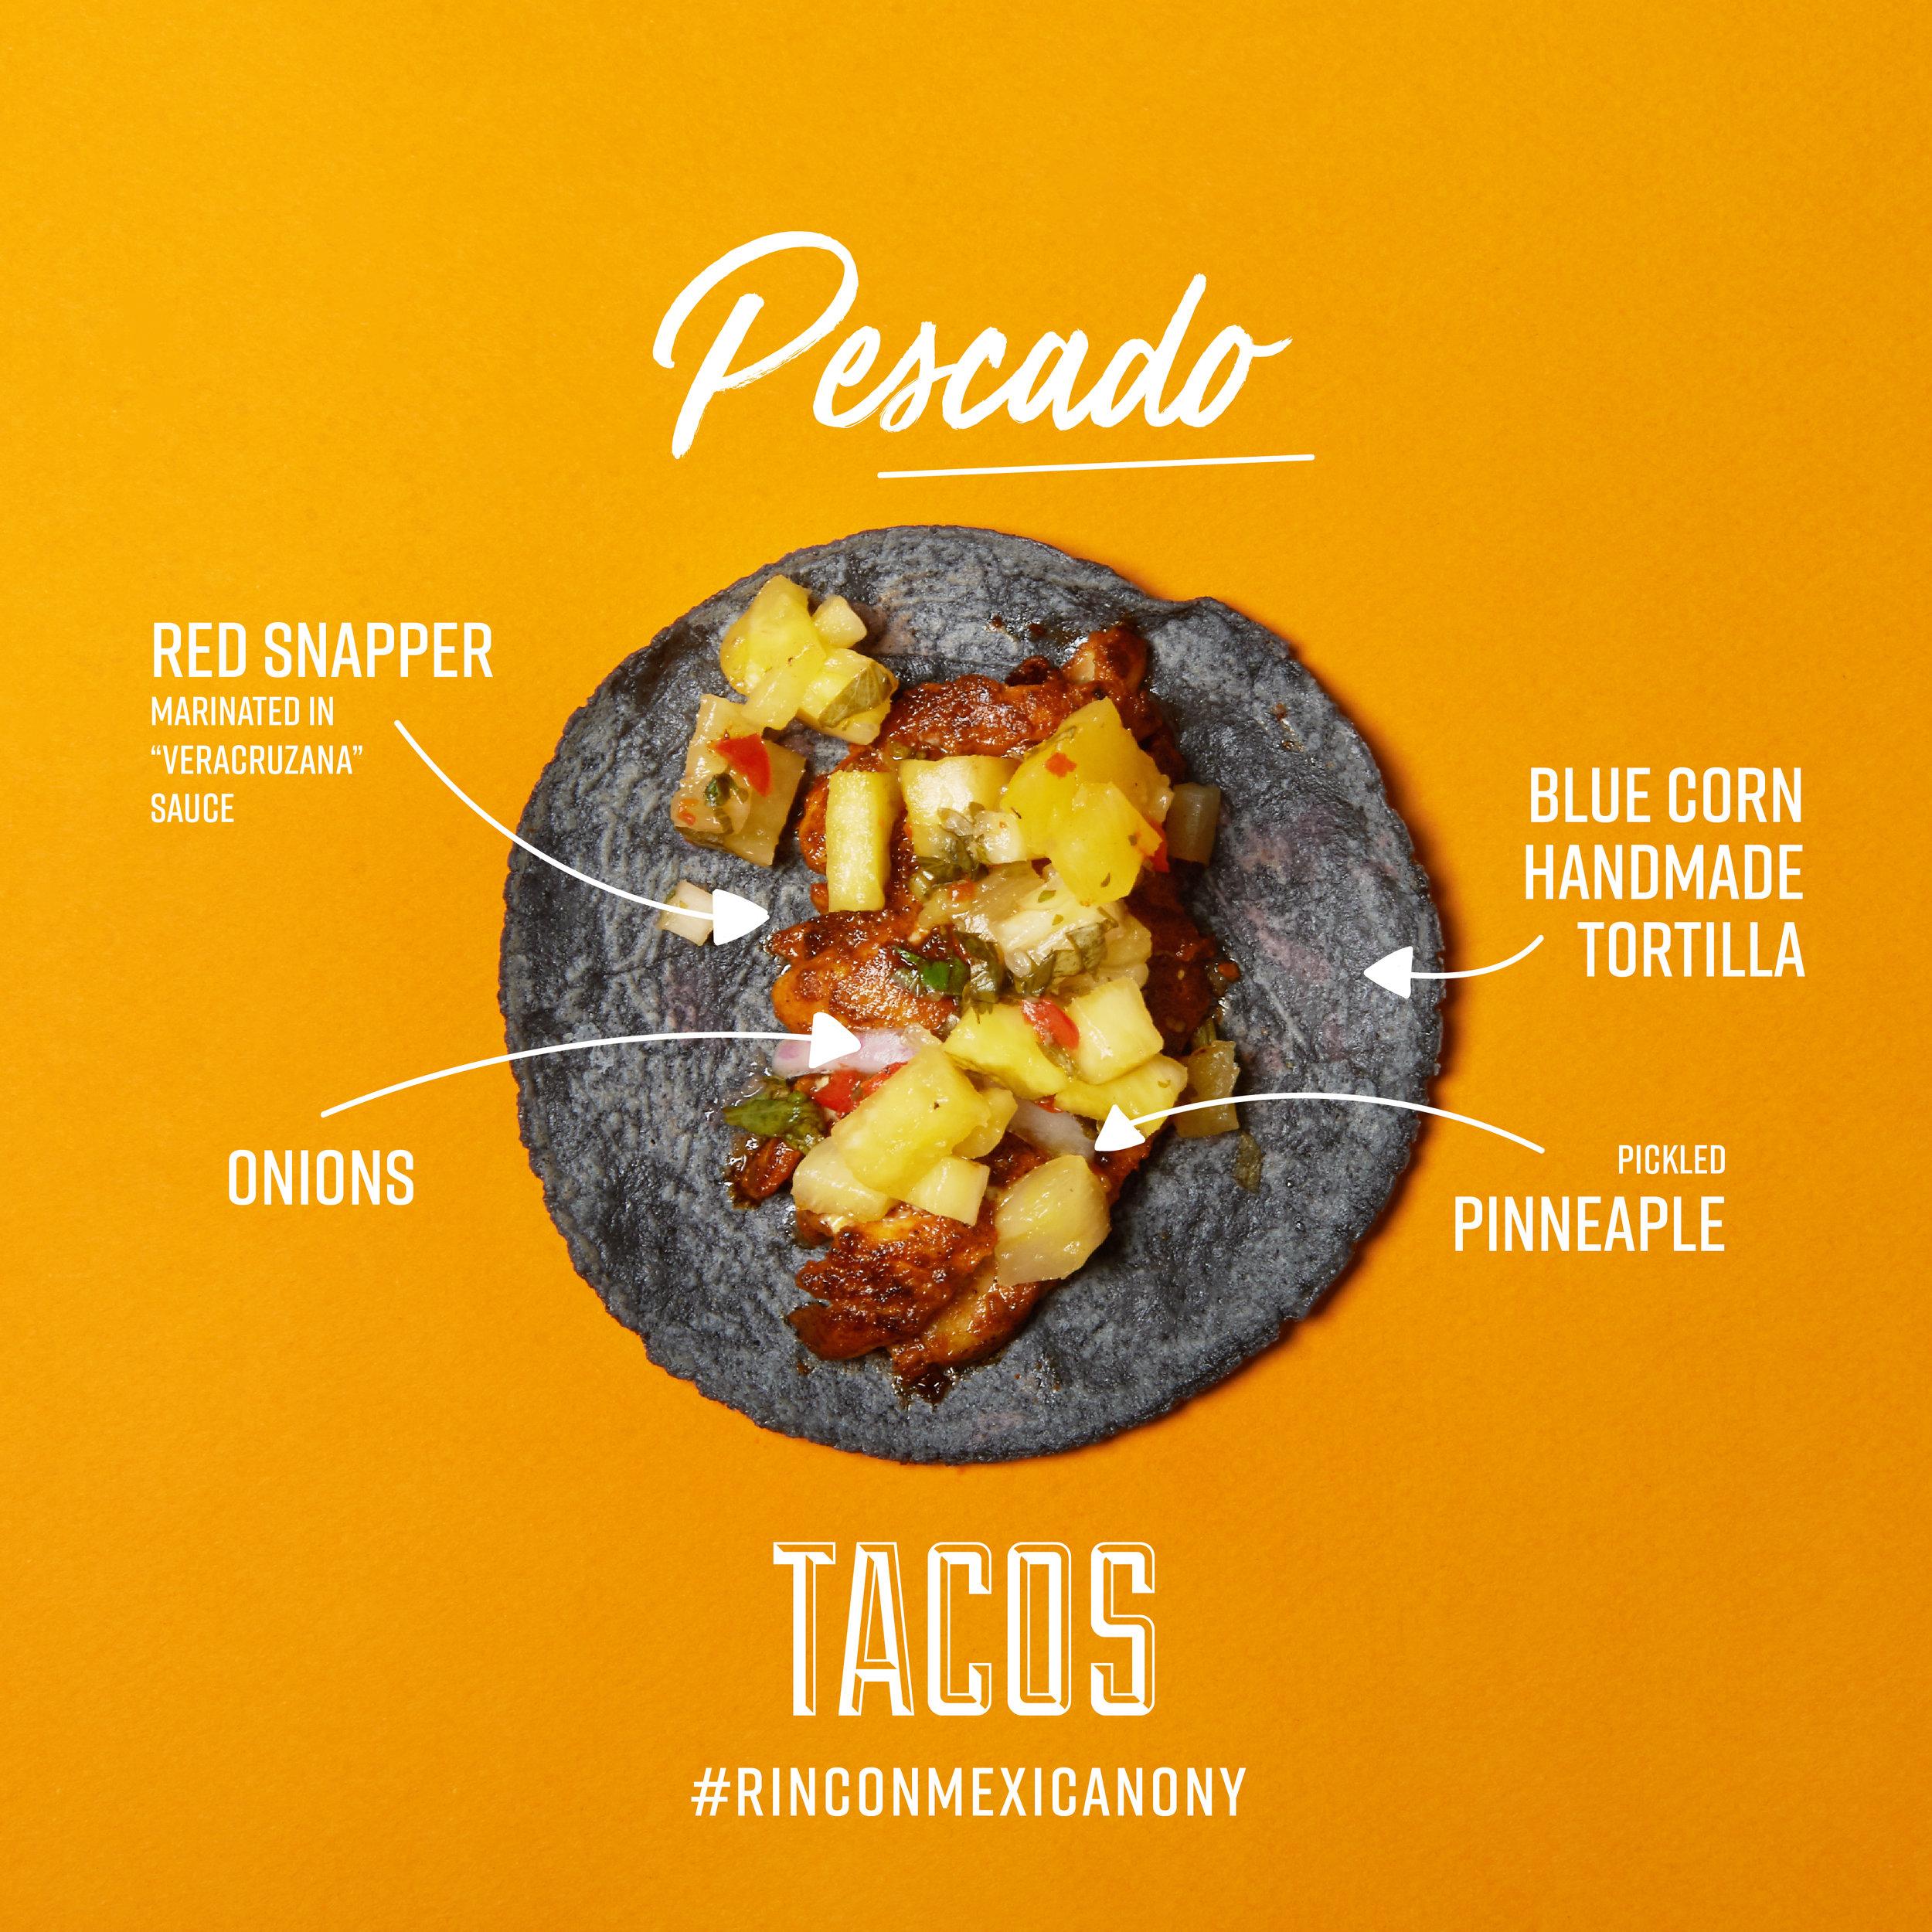 Tacos Pescado Rincon Mexicano New York